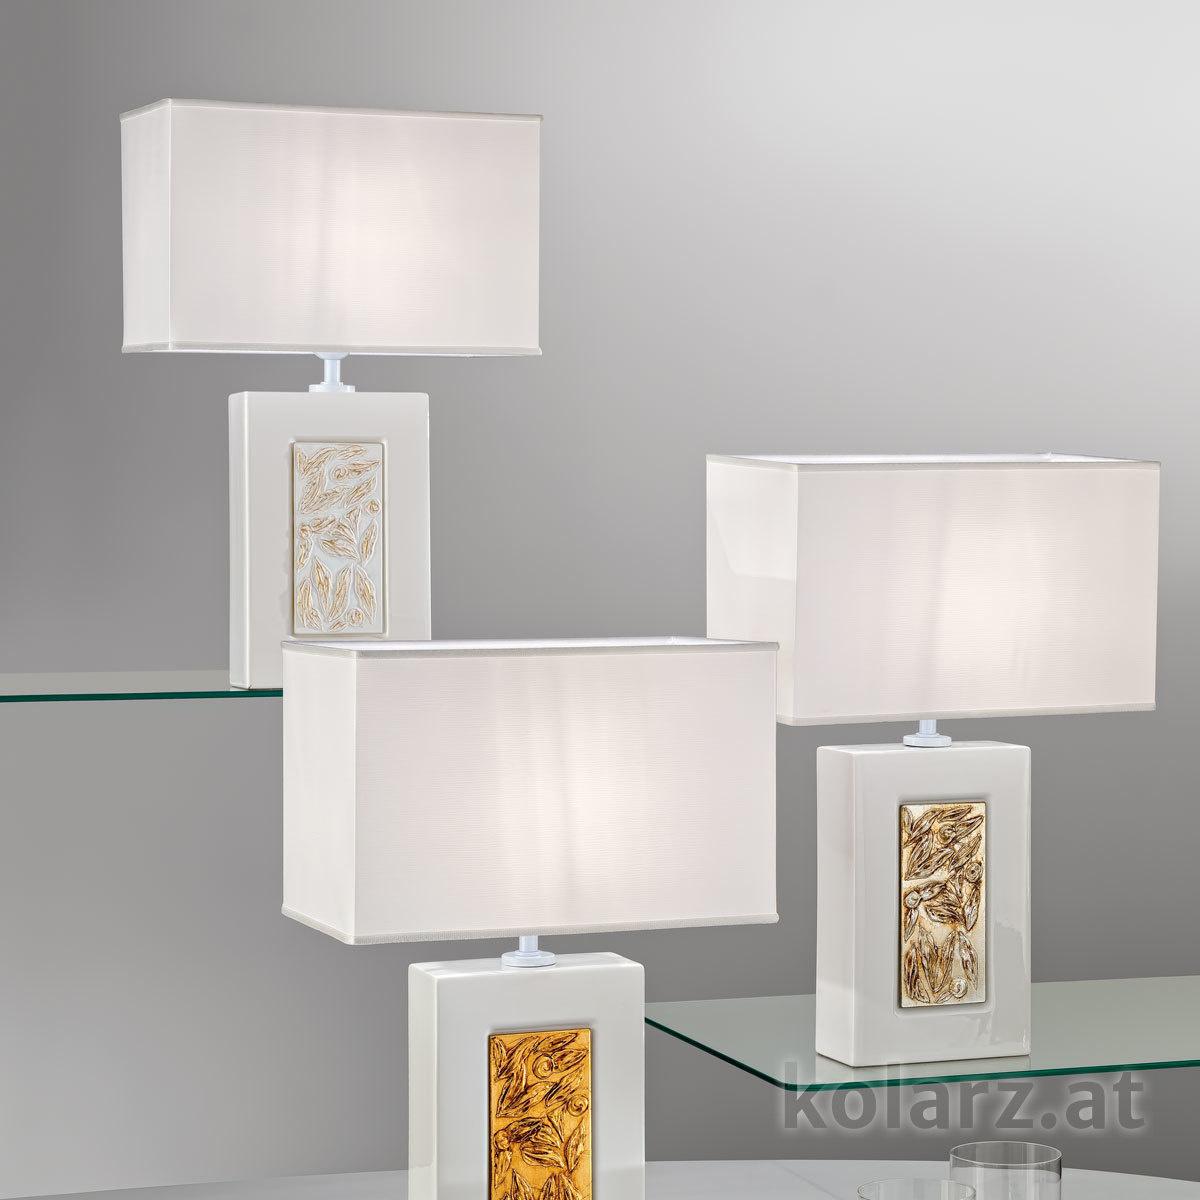 Lampe de table SABRINA, Medici Gold, Hauteur 52 Blanc, Longueur 32cm, Largeur 20cm, Hauteur 52cm, 1 lumière, E27